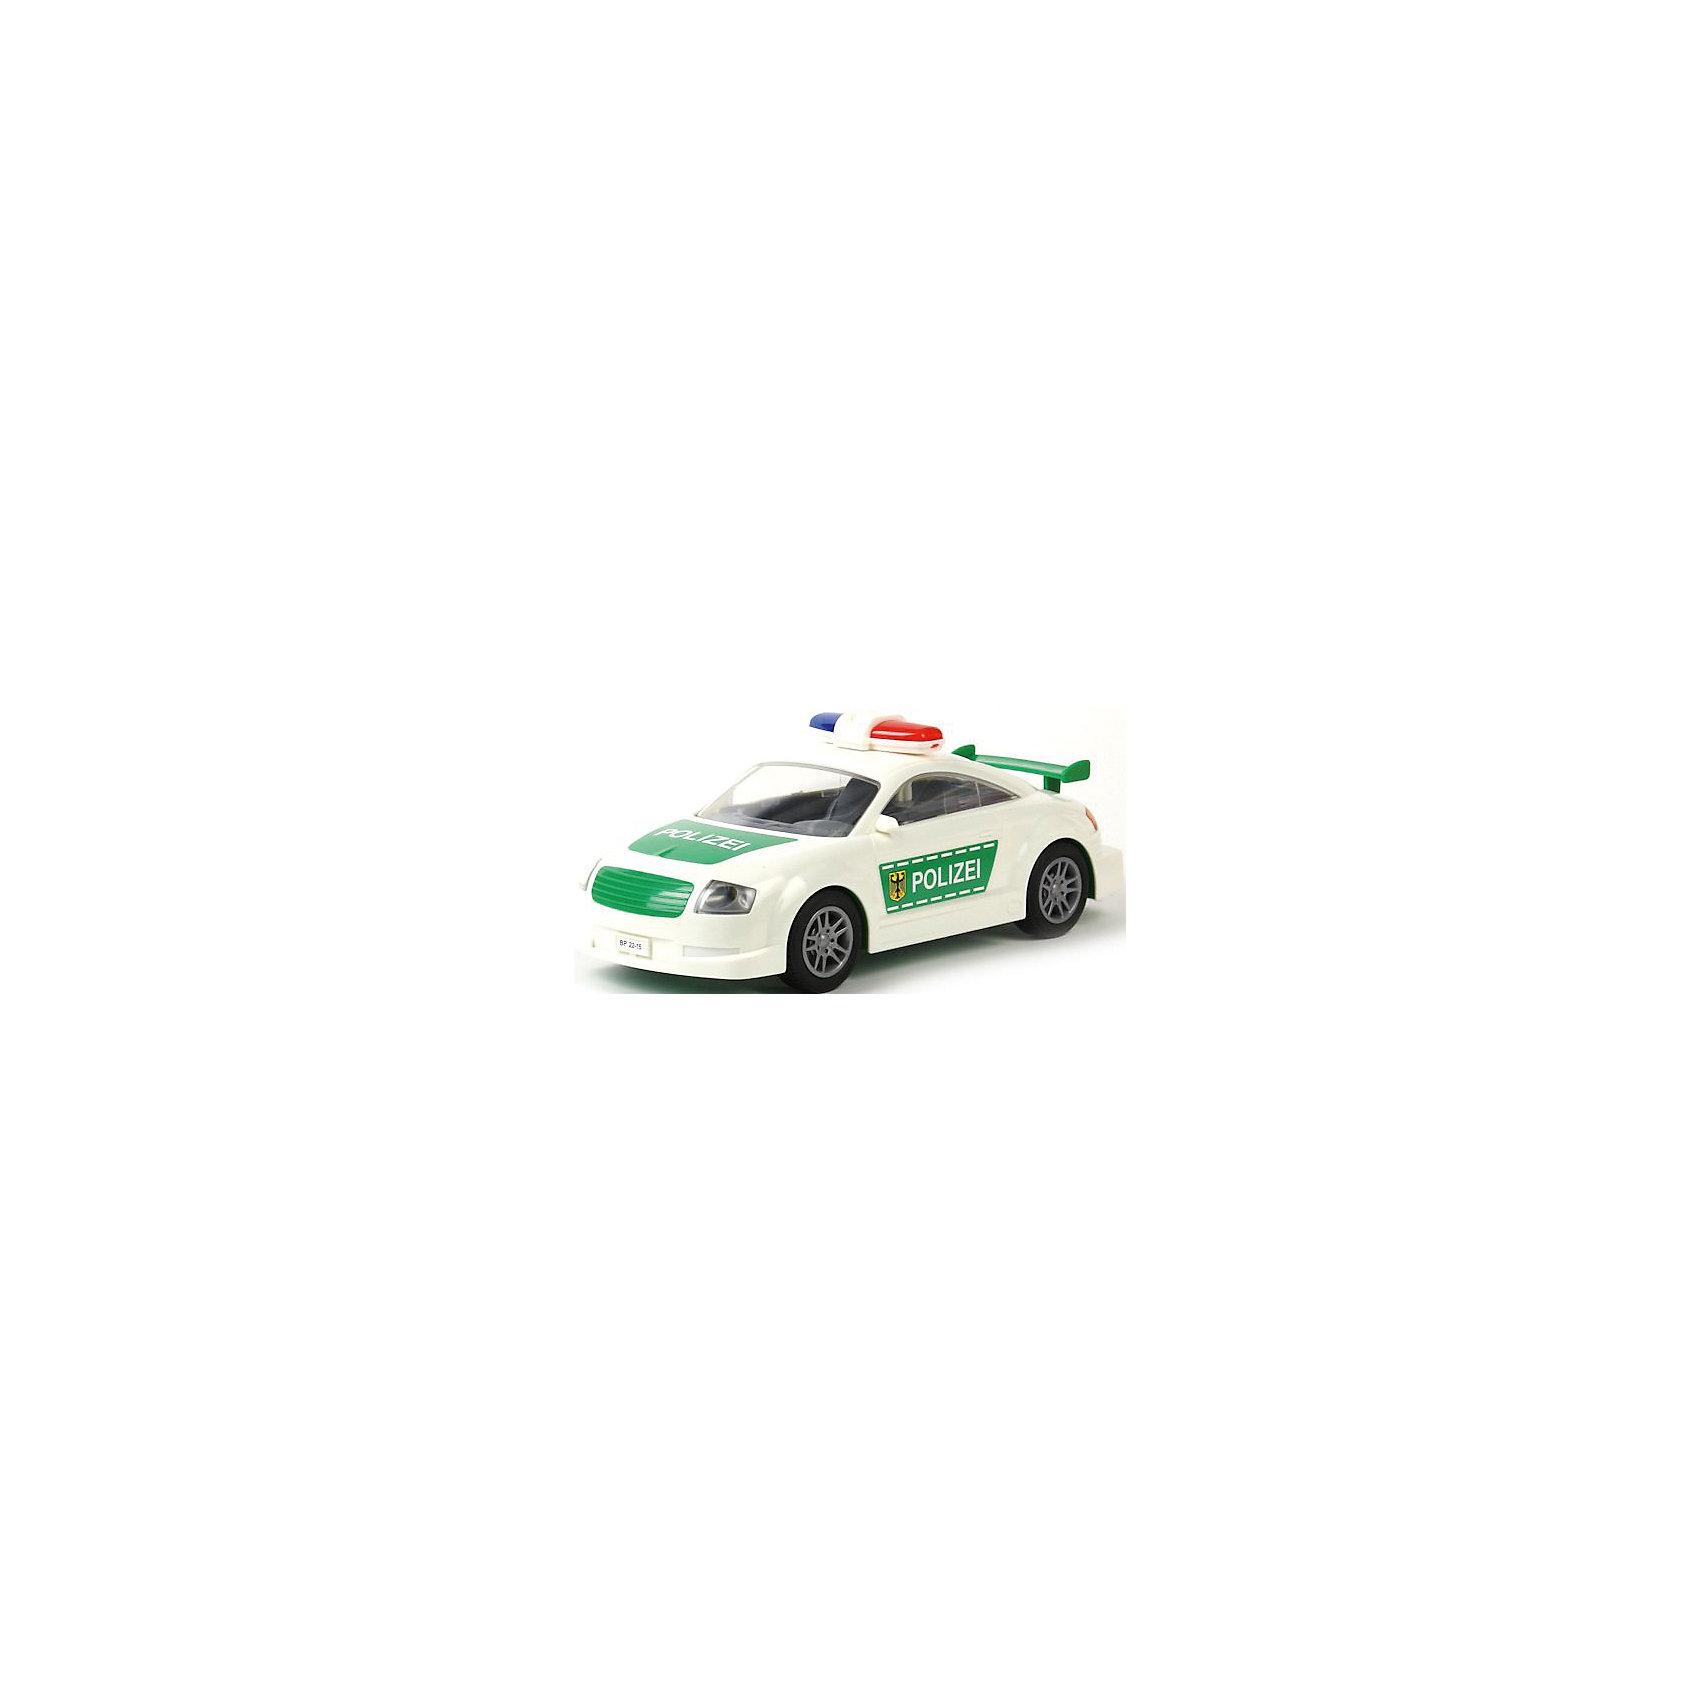 Автомобиль Полиция, инерционный, ПолесьеМашинки и транспорт для малышей<br>Автомобиль Полиция, инерционный, Полесье.<br><br>Характеристики:<br><br>- Размер игрушки: 27х10,5х11 см.<br>- Материал: прочный пластик, резина<br><br>Инерционный автомобиль «Полиция» - это точная копия настоящей машины. Машина имеет мигалку, спойлер, резиновые колеса и очень реалистичную символику на корпусе. Инерционный механизм позволяет машине продолжать свое движение после запуска. Колеса надежно закреплены на металлических осях. Ребенок будет в восторге от игрушки, ведь на машине можно быстро домчаться на место преступления или устроить настоящую погоню за преступником.<br><br>Автомобиль Полиция, инерционный, Полесье можно купить в нашем интернет-магазине.<br><br>Ширина мм: 265<br>Глубина мм: 115<br>Высота мм: 100<br>Вес г: 330<br>Возраст от месяцев: 36<br>Возраст до месяцев: 96<br>Пол: Мужской<br>Возраст: Детский<br>SKU: 4763437